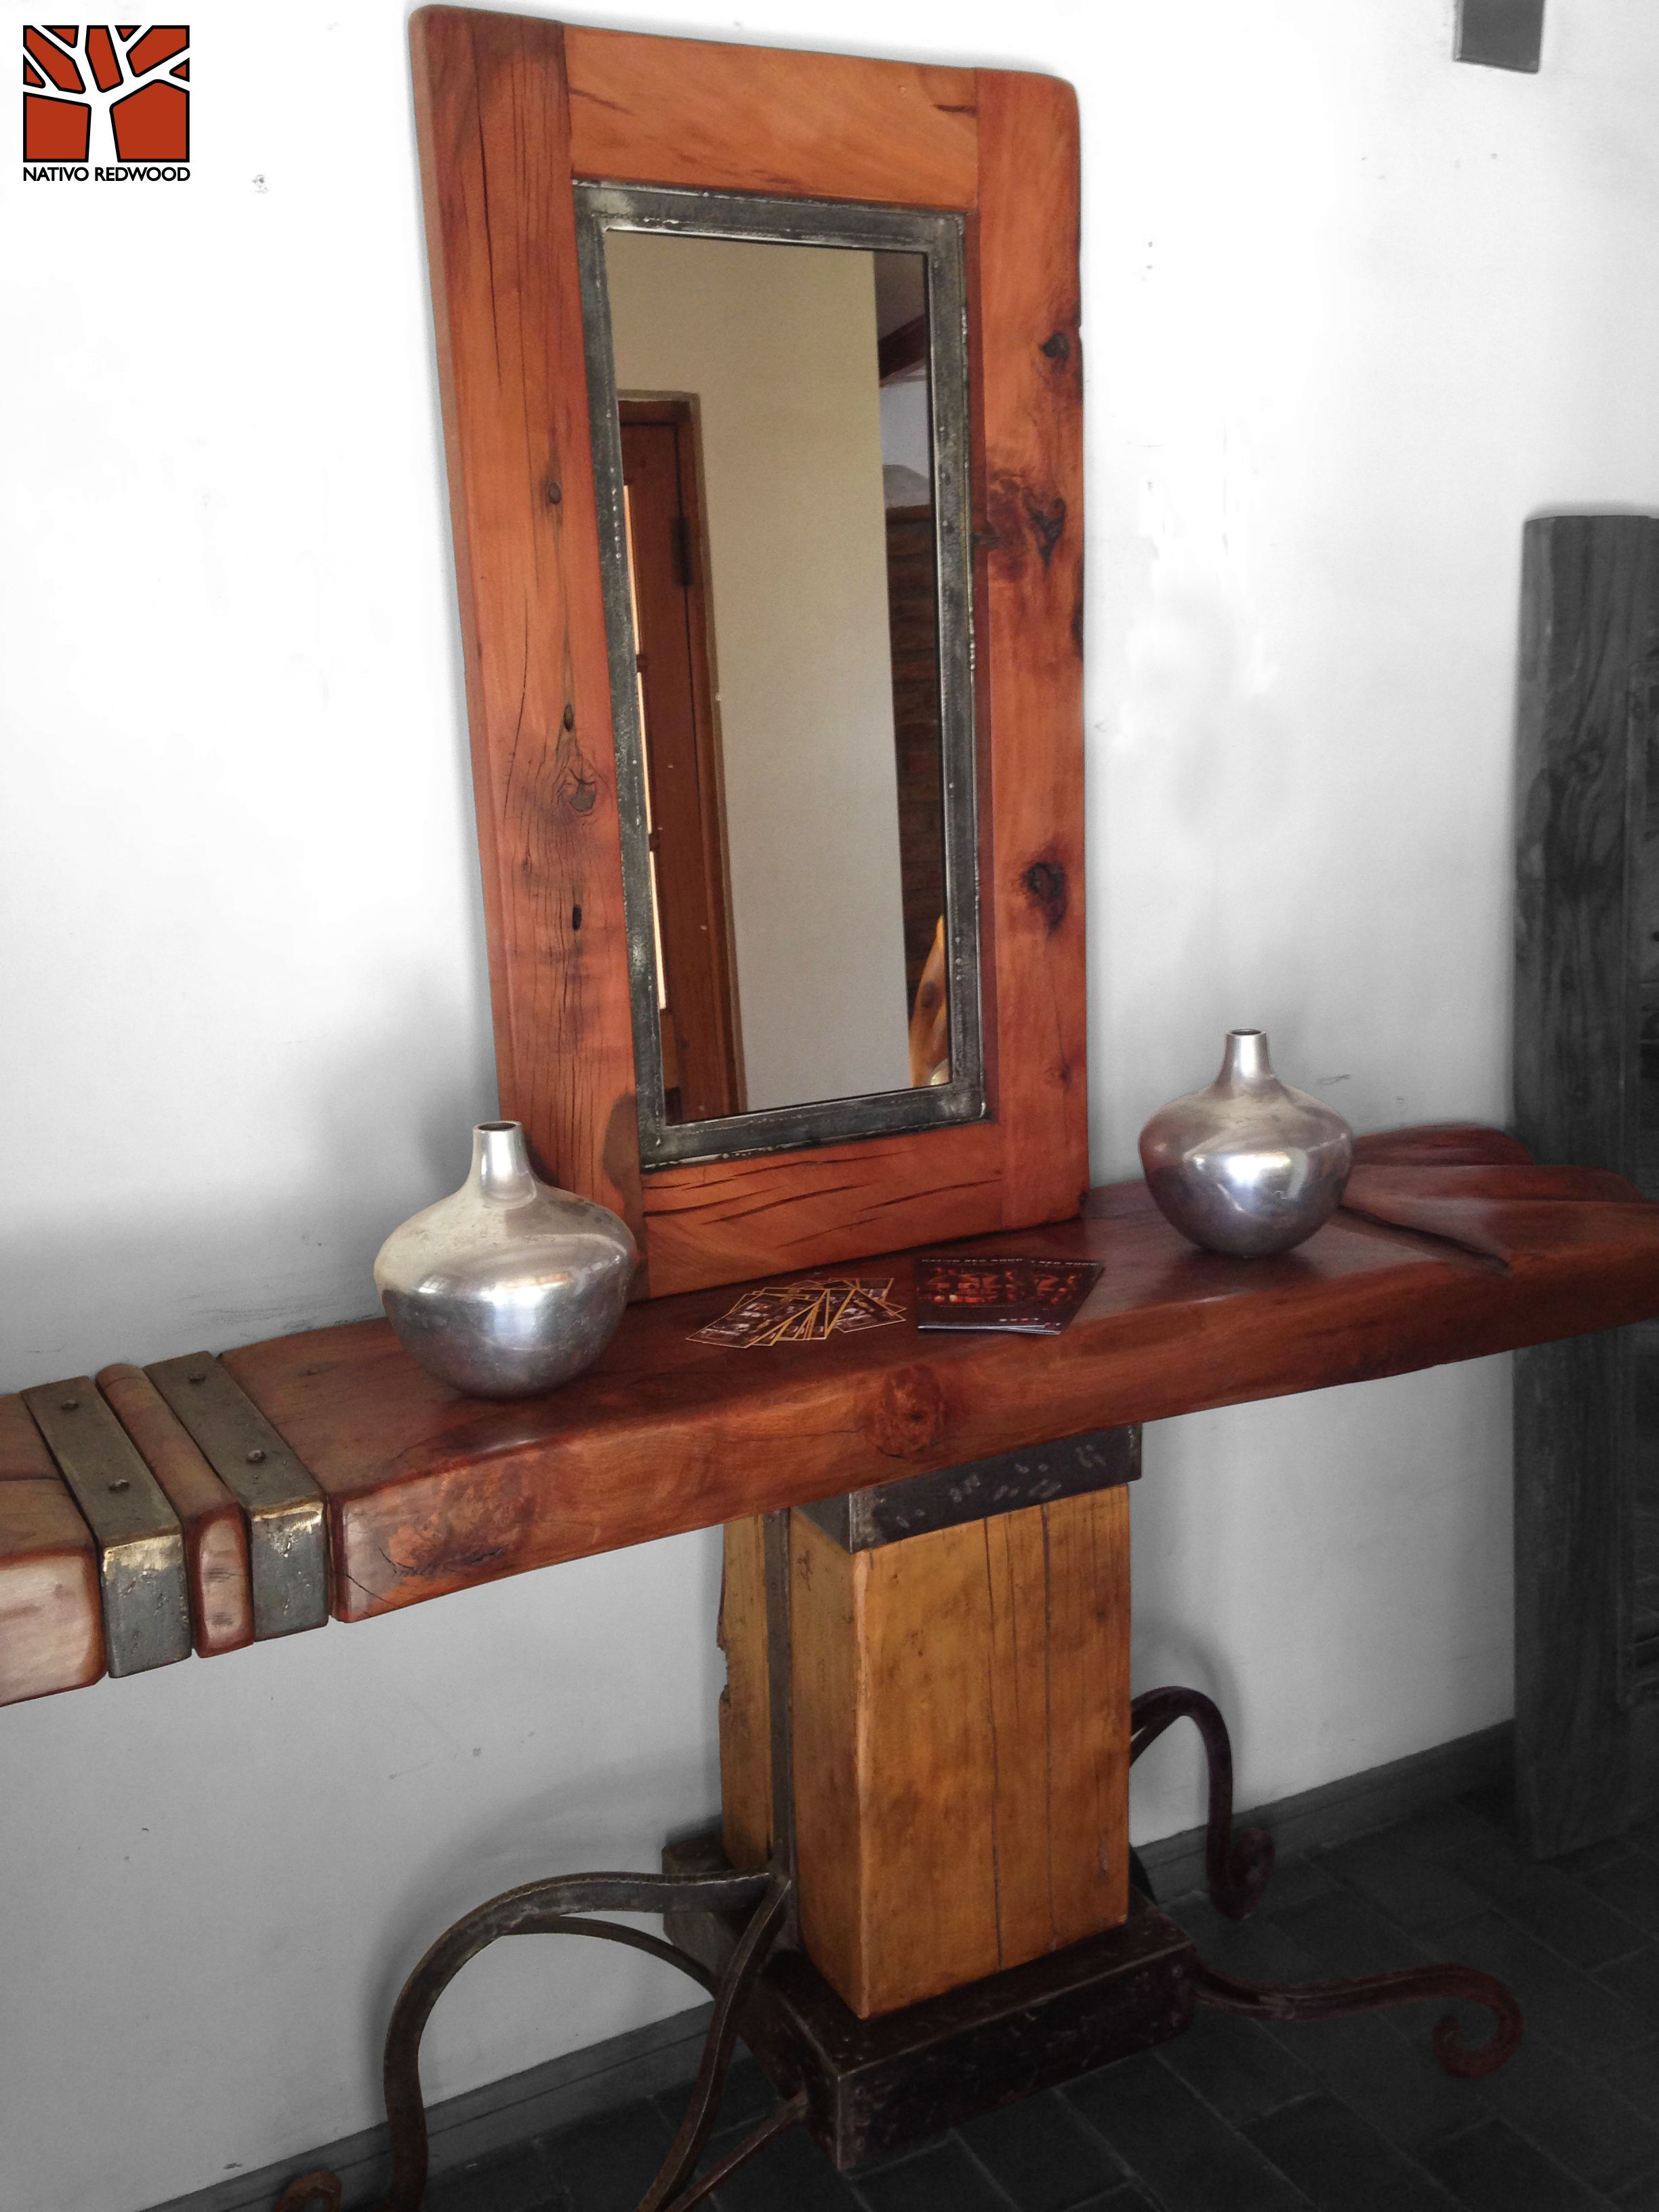 Pin de Nativo Red Wood S.A en Espejos Maderas Steelwood con Fierro ...